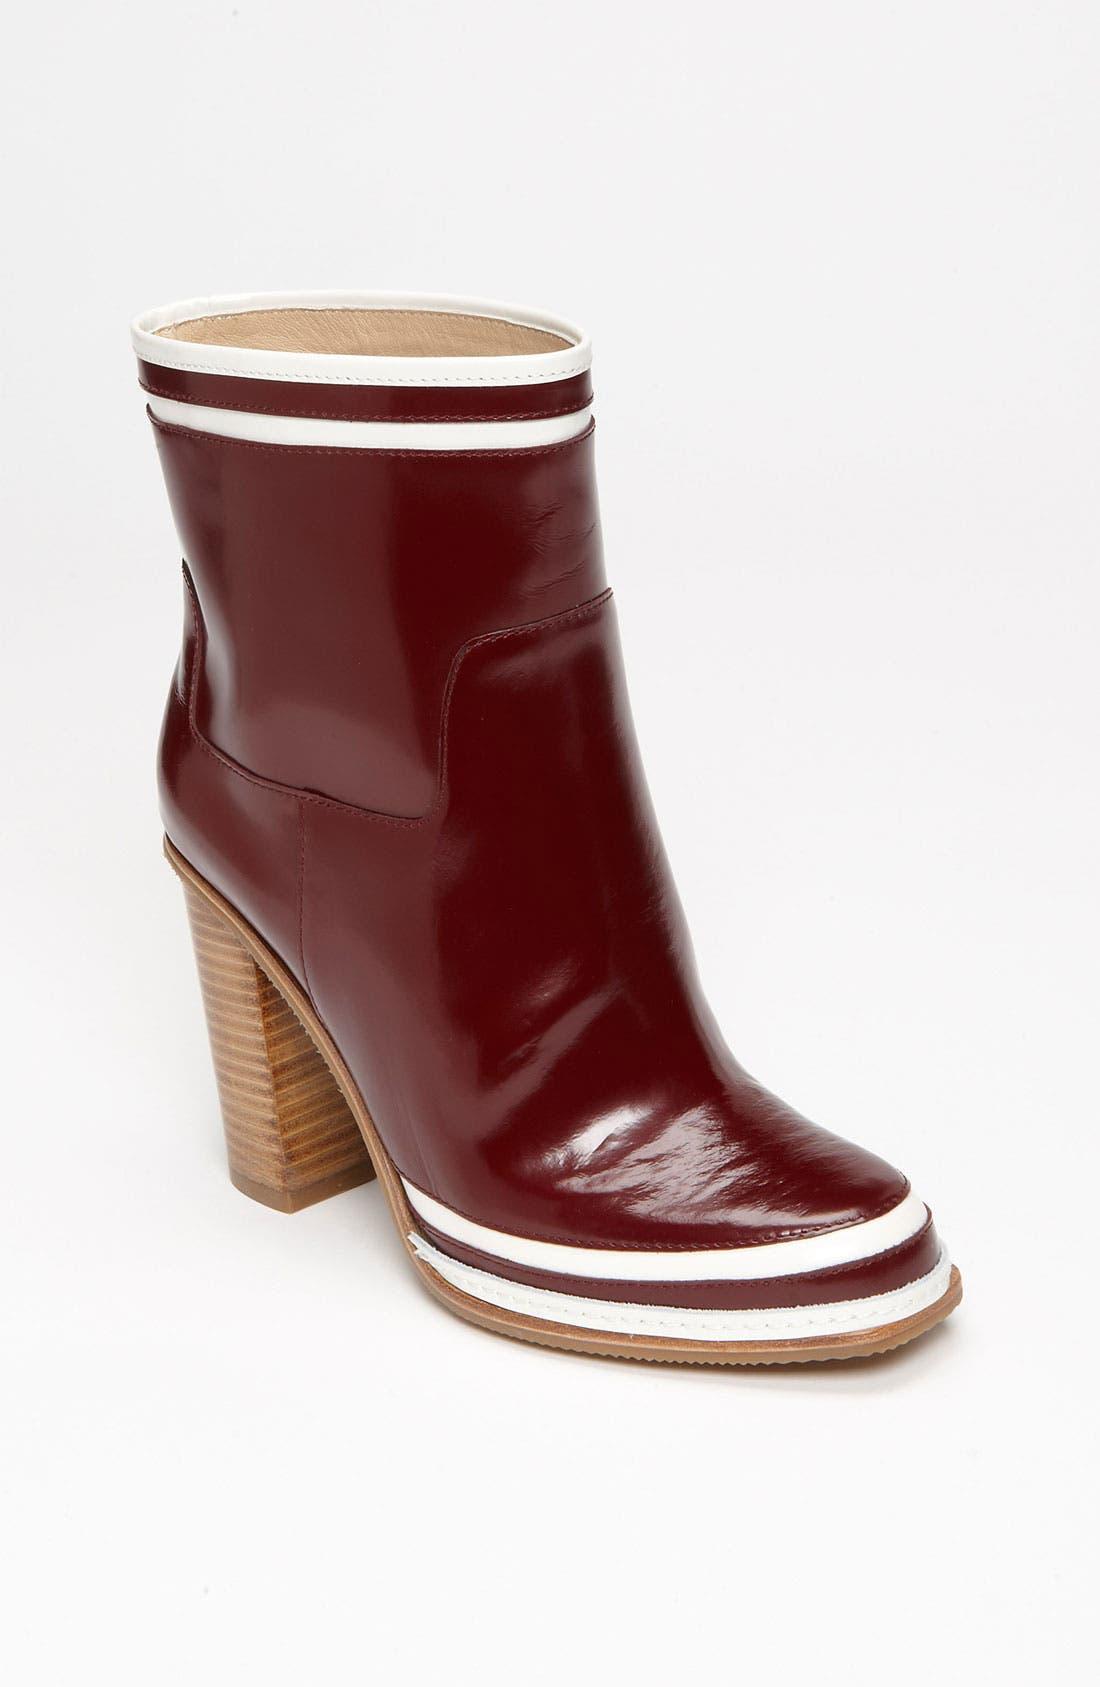 Main Image - Diane von Furstenberg 'Spa' Boot